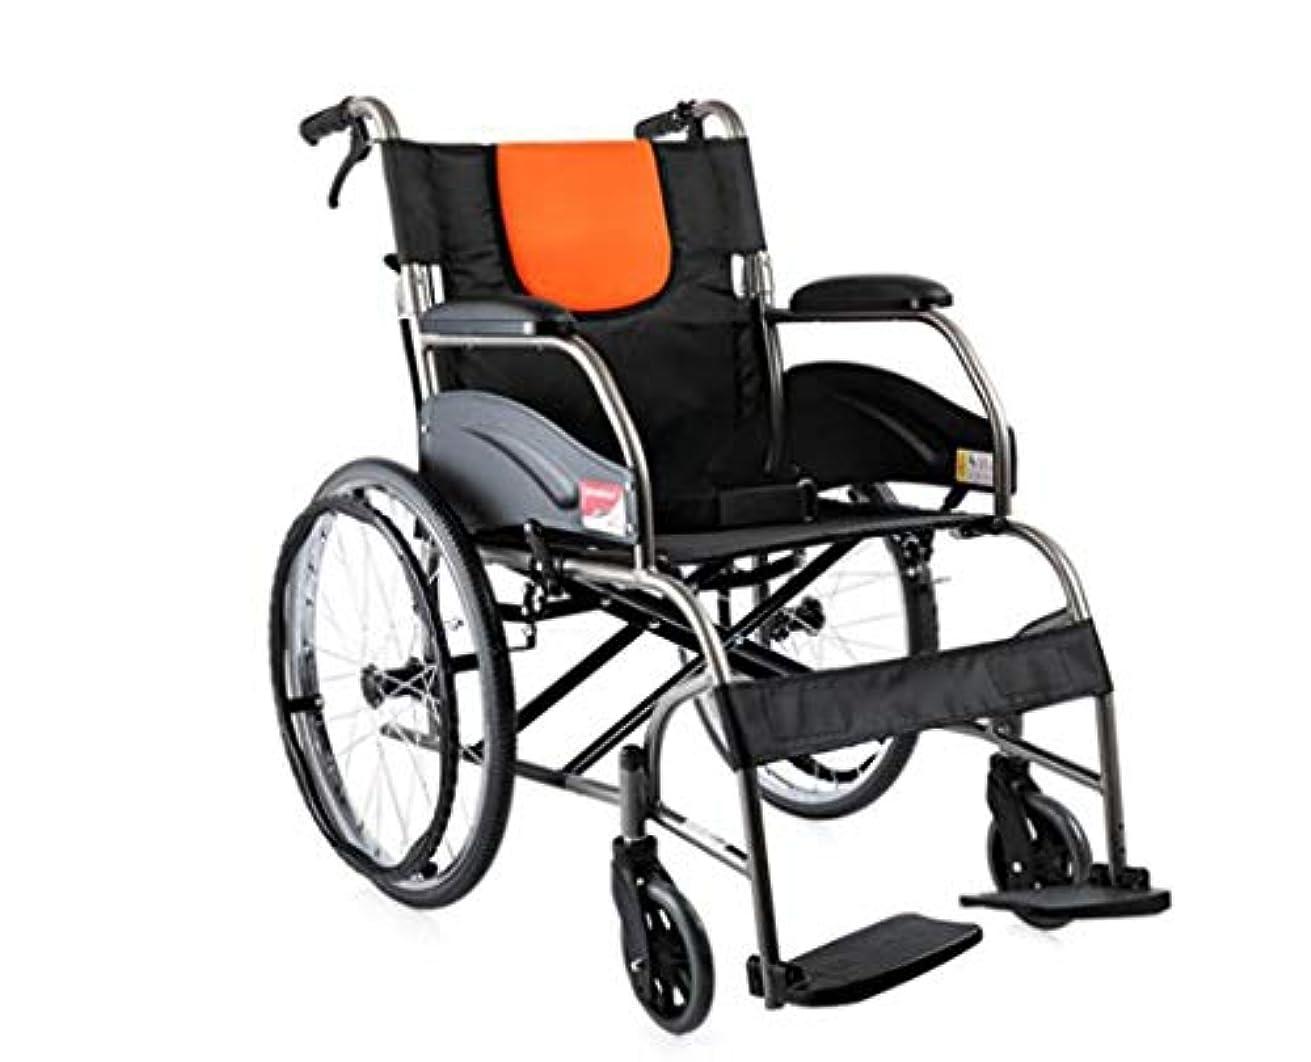 子絶対の心から手動車椅子アルミ合金無効旅行車椅子ペダルの高さ3速度調節可能な折りたたみ車椅子